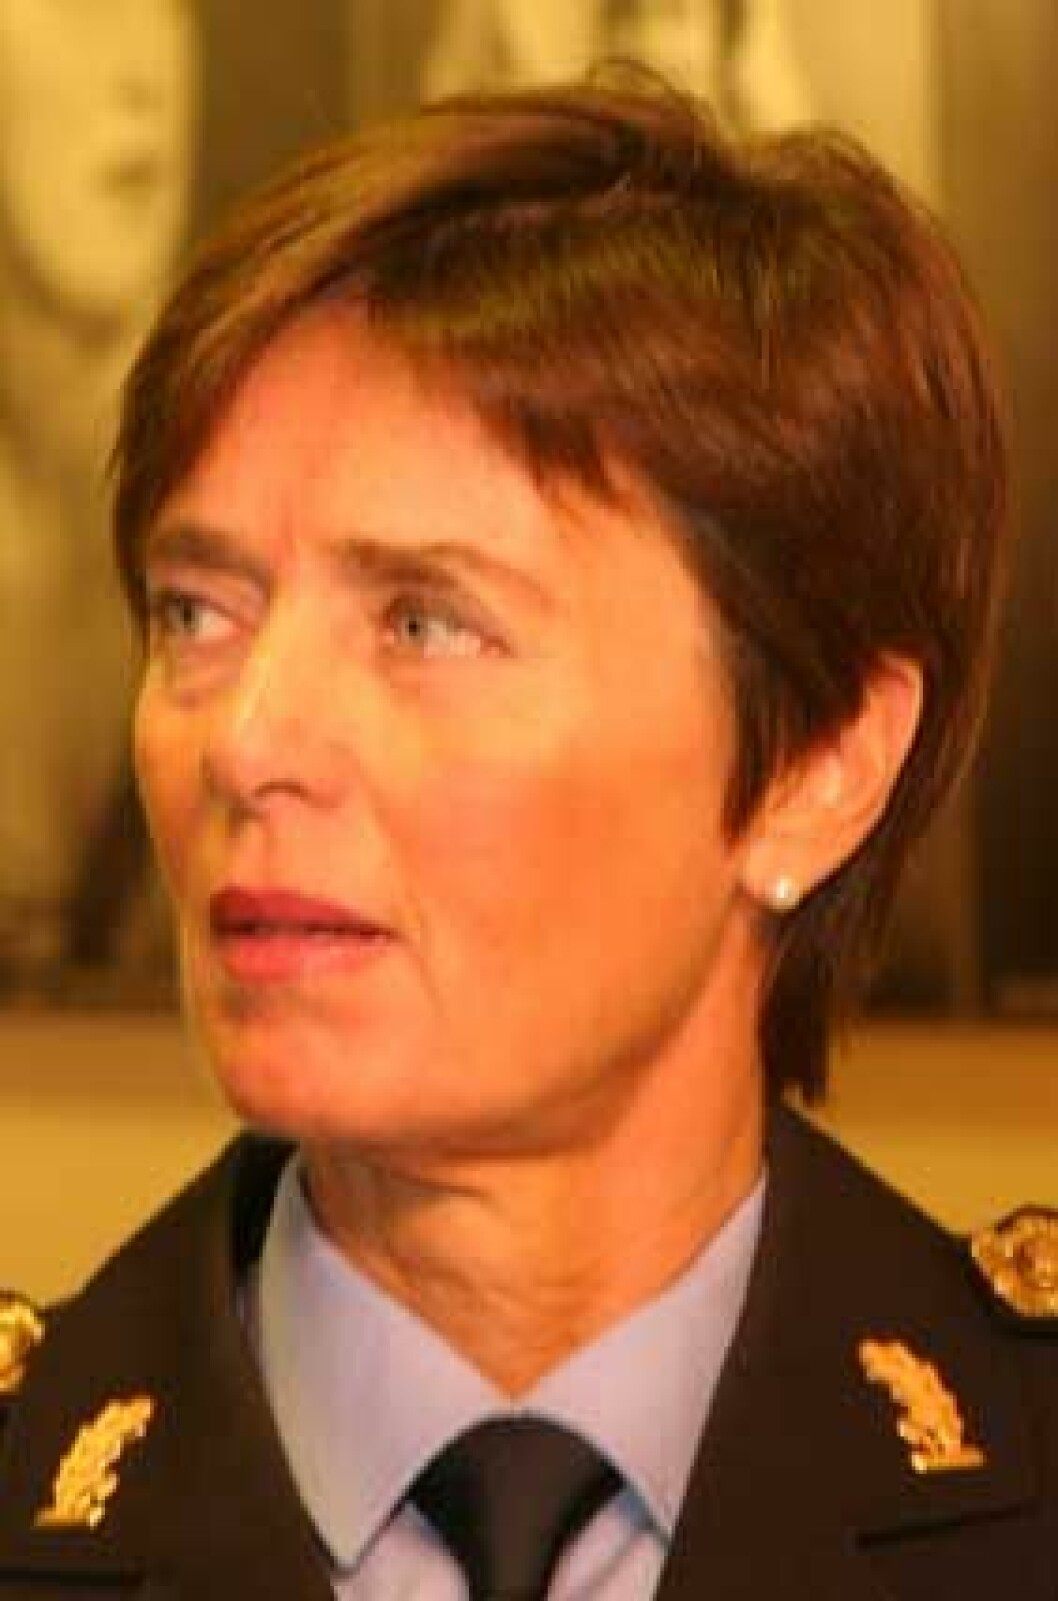 Ingelin Killengreen